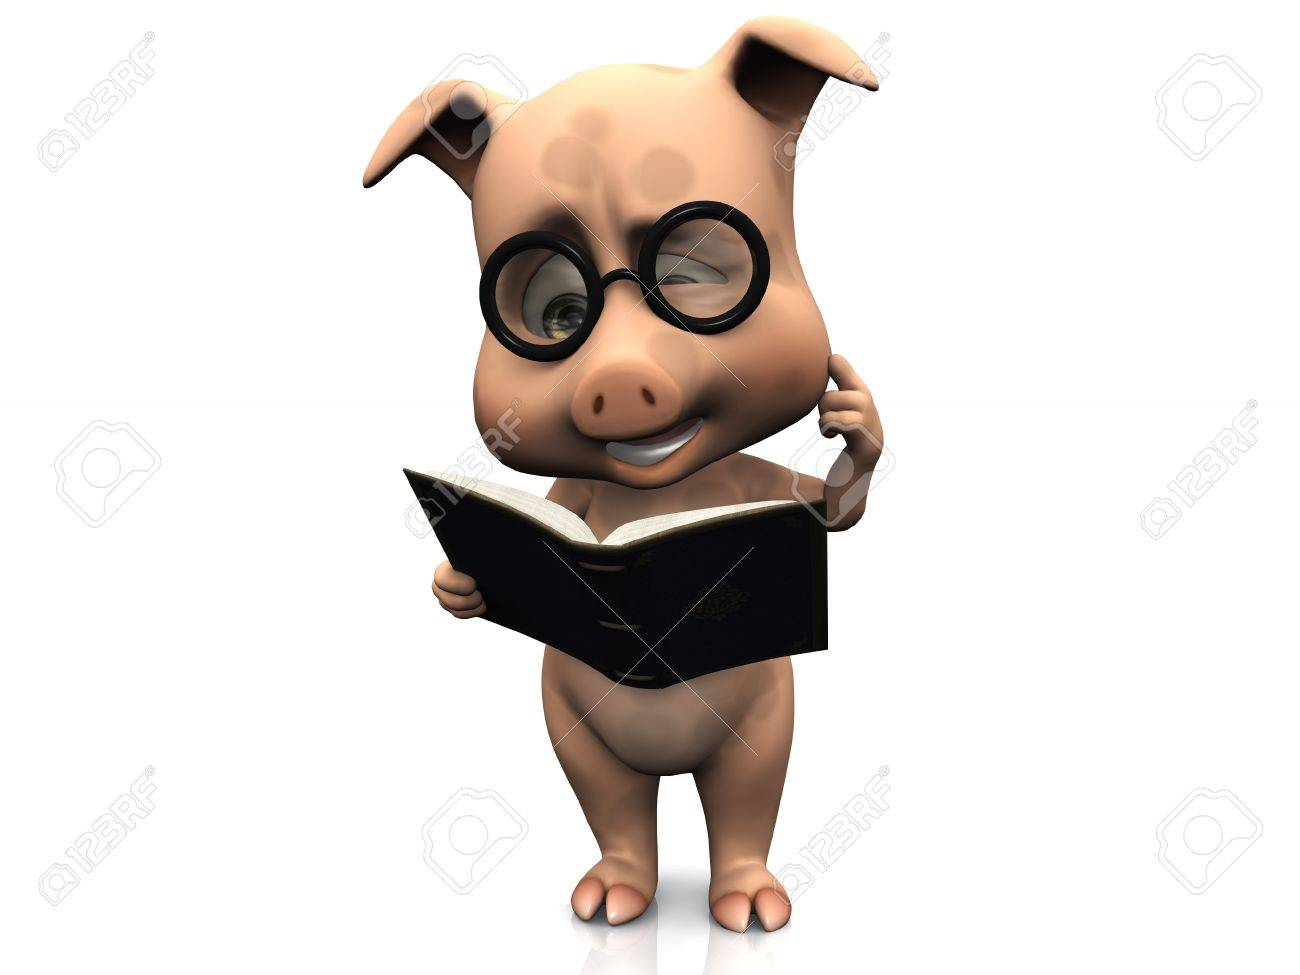 Свинья на унитазе фото 12 фотография